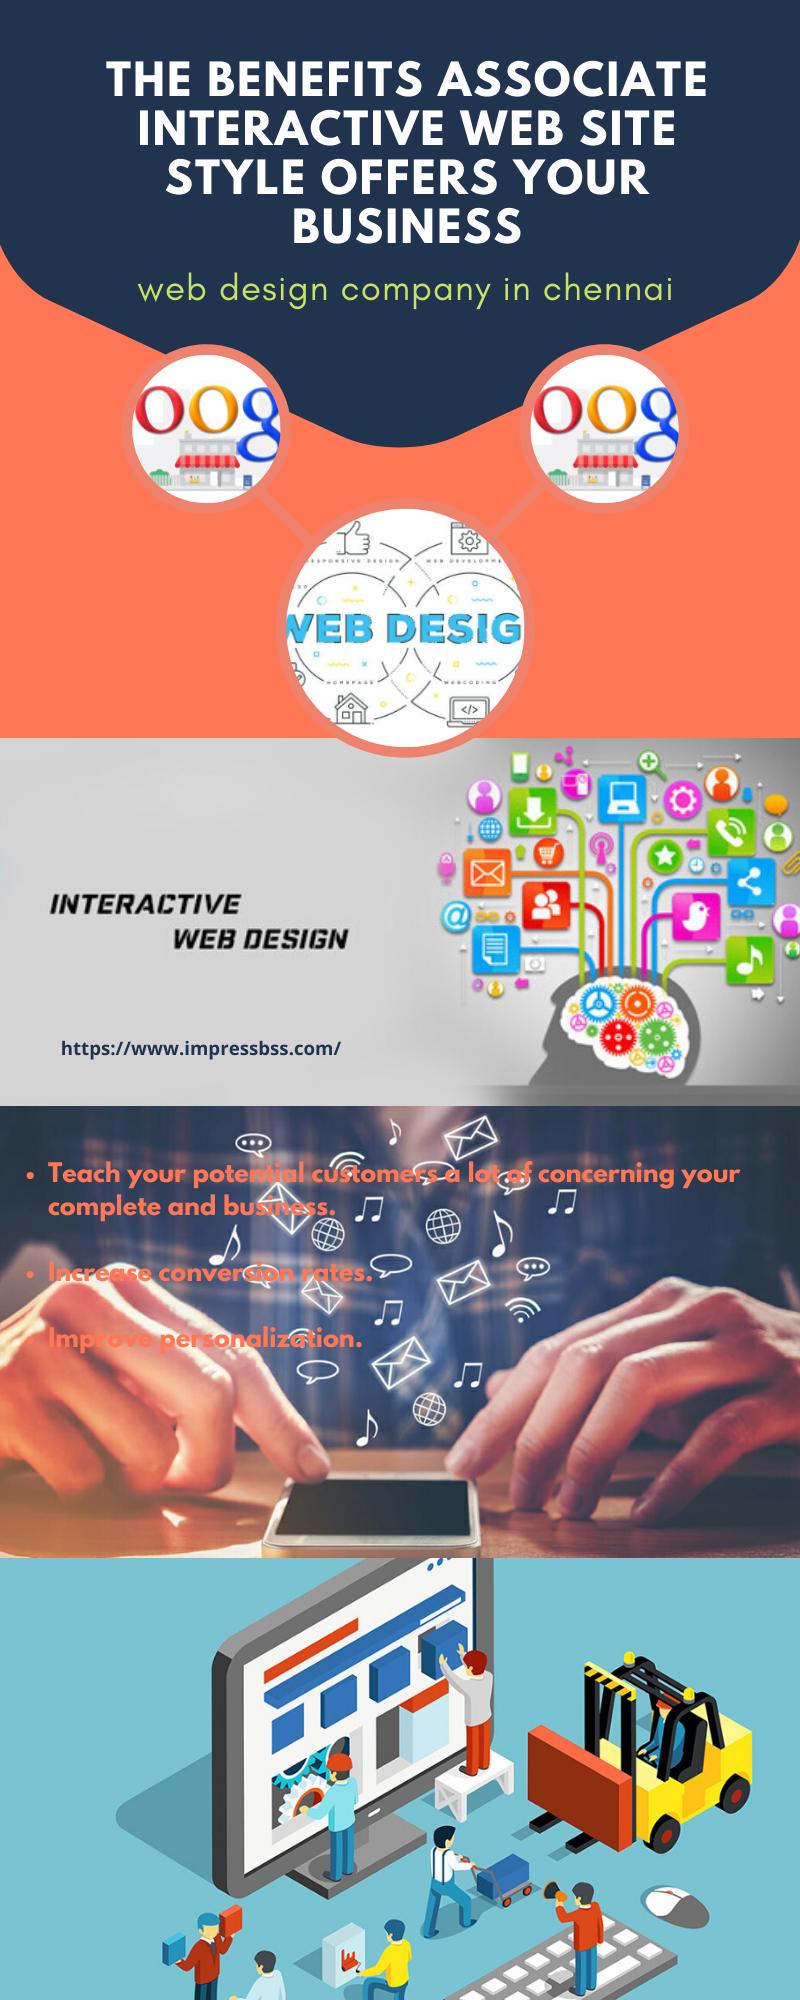 Miami Web Design Services Web Design Web Design Company